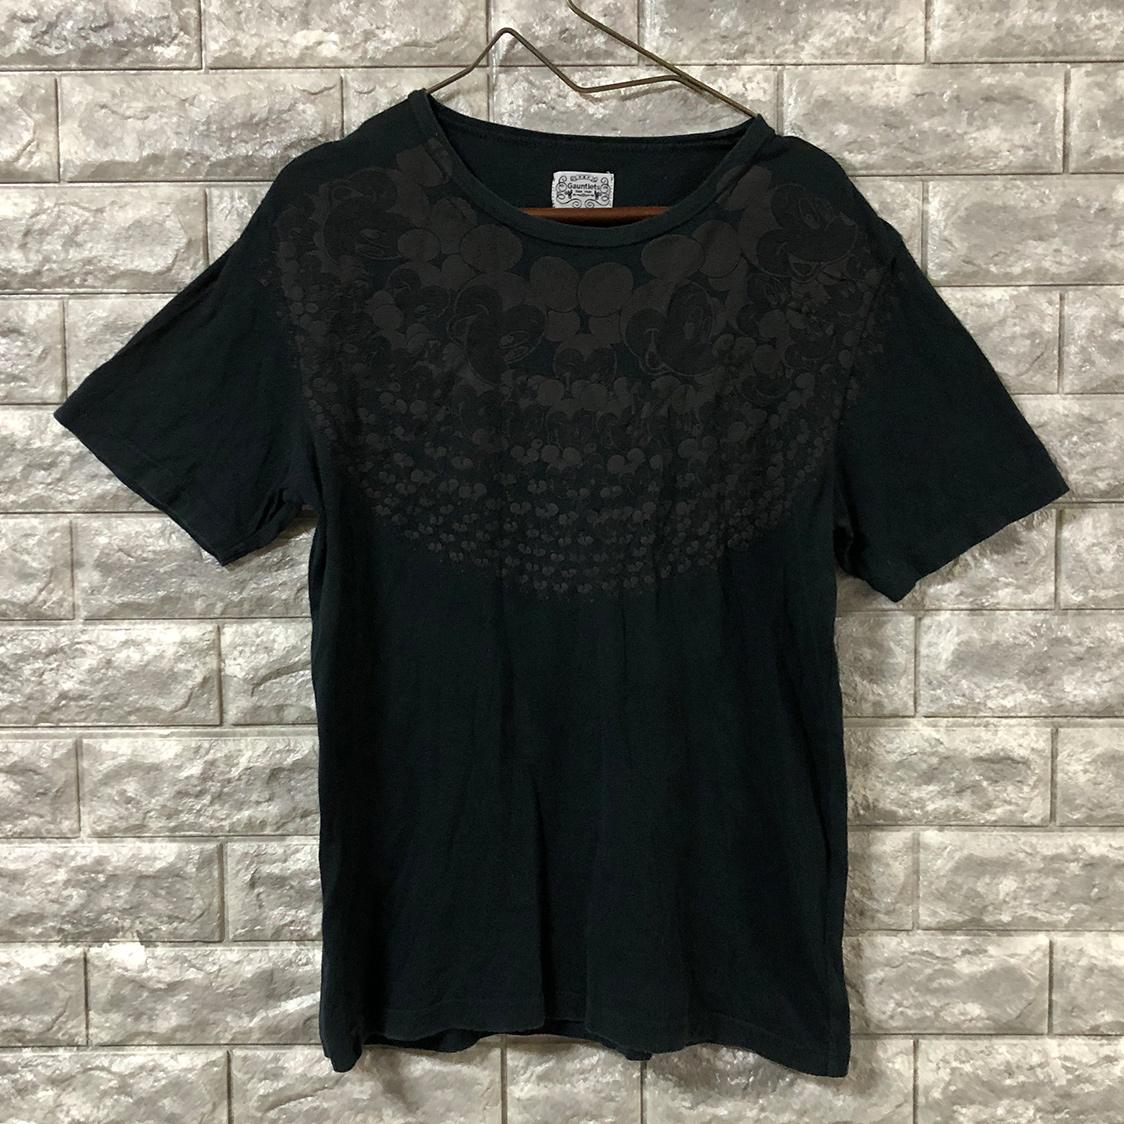 Gauntlets ガントレッツ × Disney ディズニー【Mサイズ】 半袖 Tシャツ ブラック ガントレット